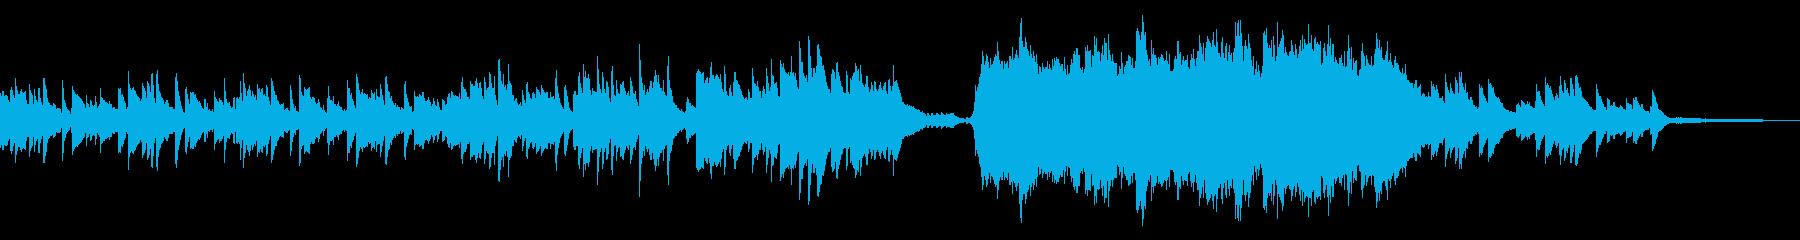 幻想的で物悲しい雰囲気のBGMの再生済みの波形